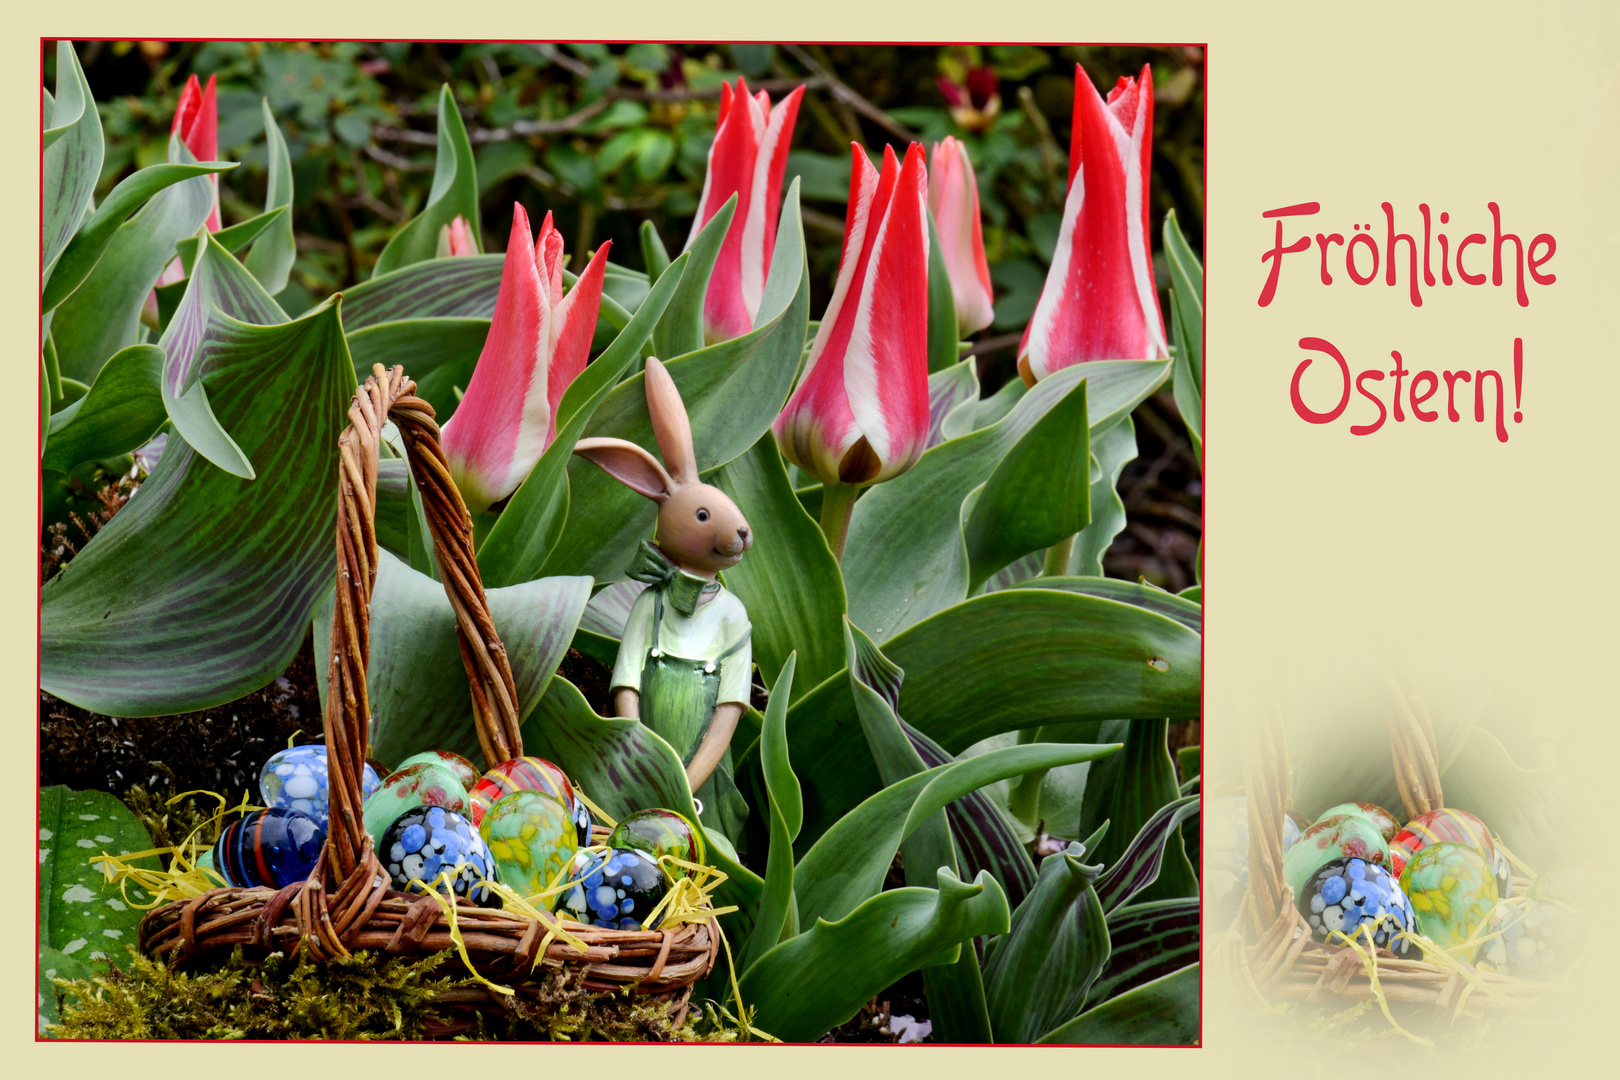 Fröhliche Ostern!